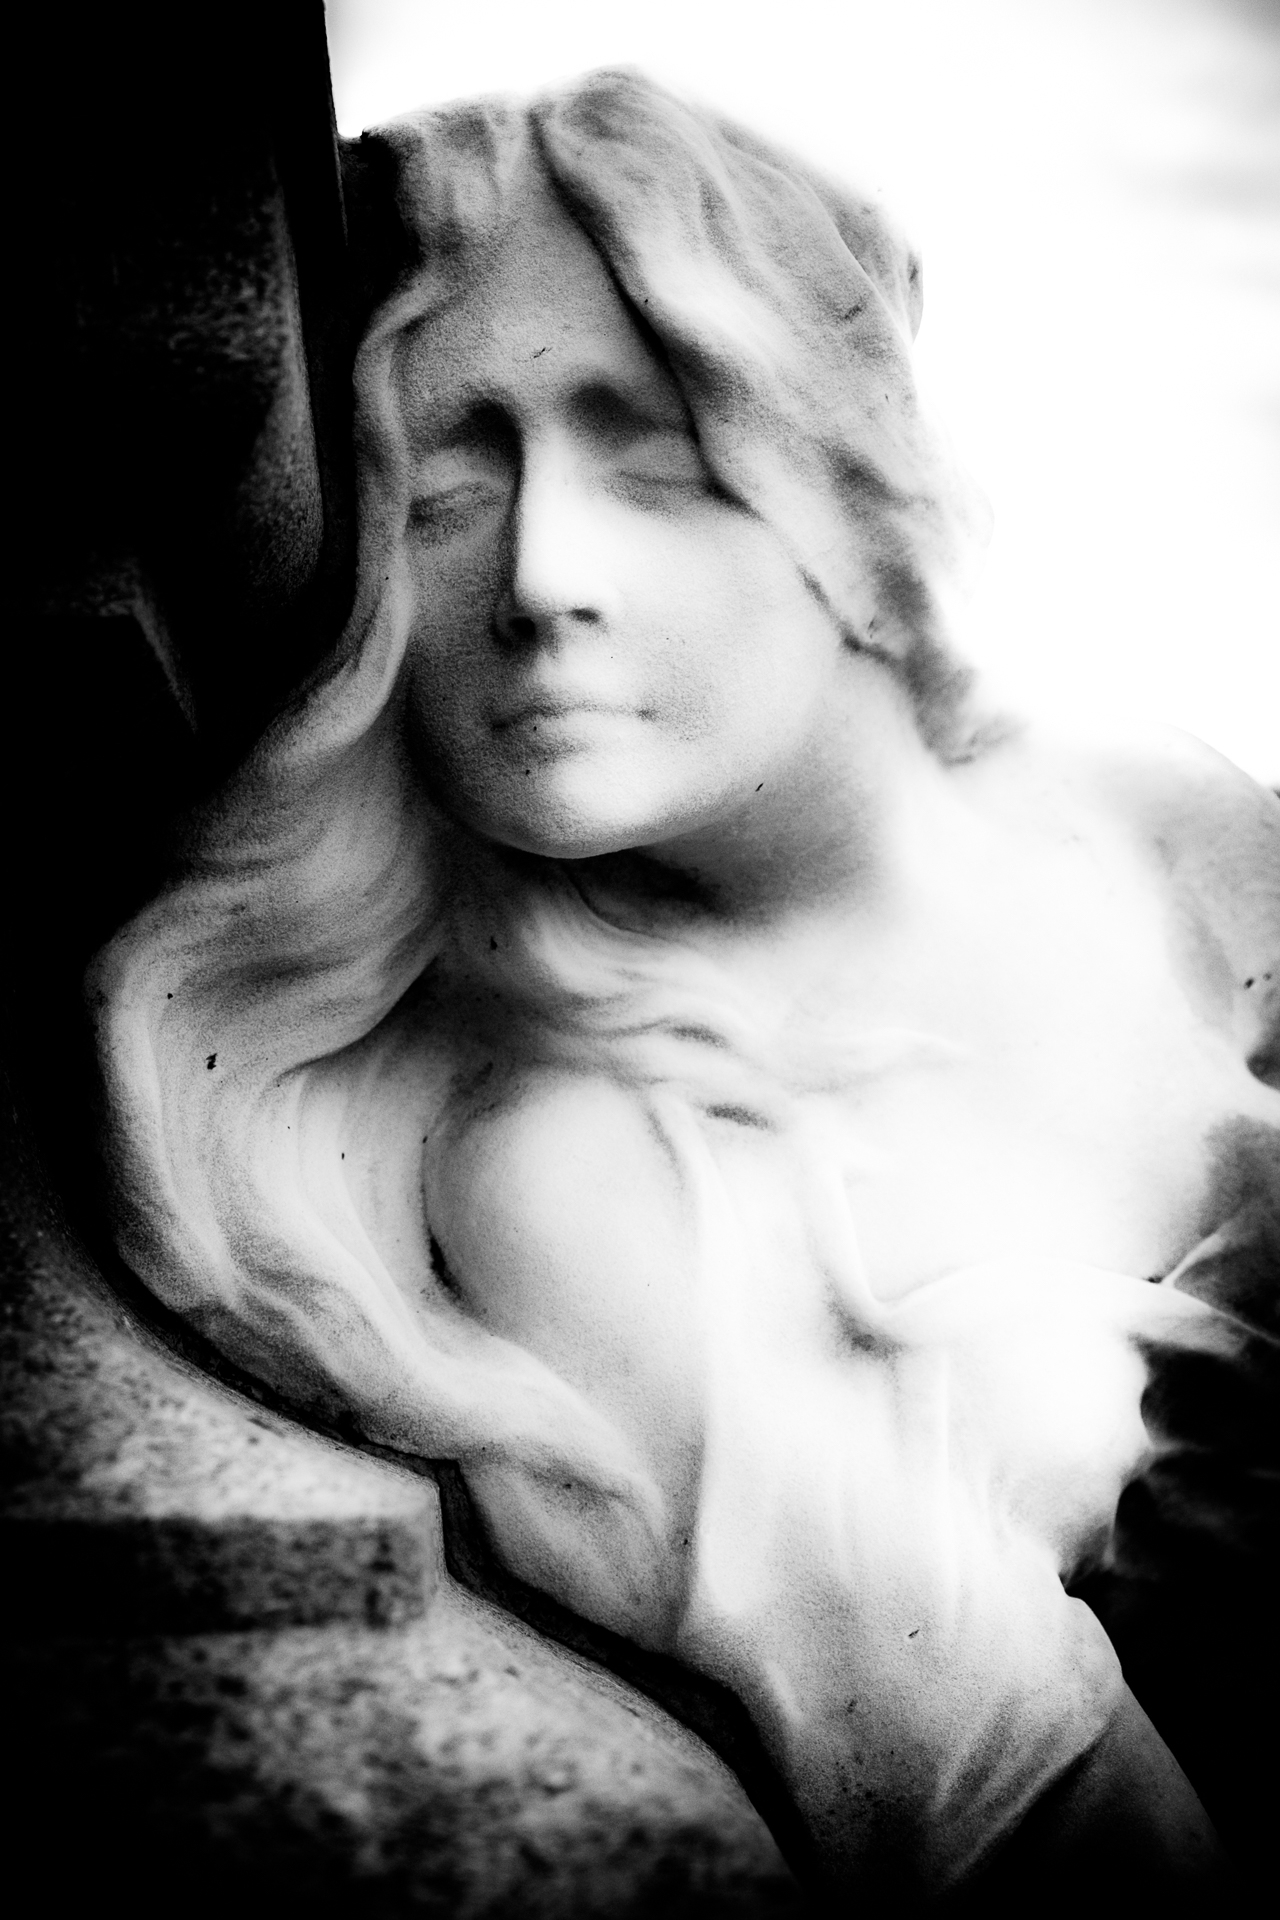 Resting Peace - statue, cemetery - ericvandael | ello